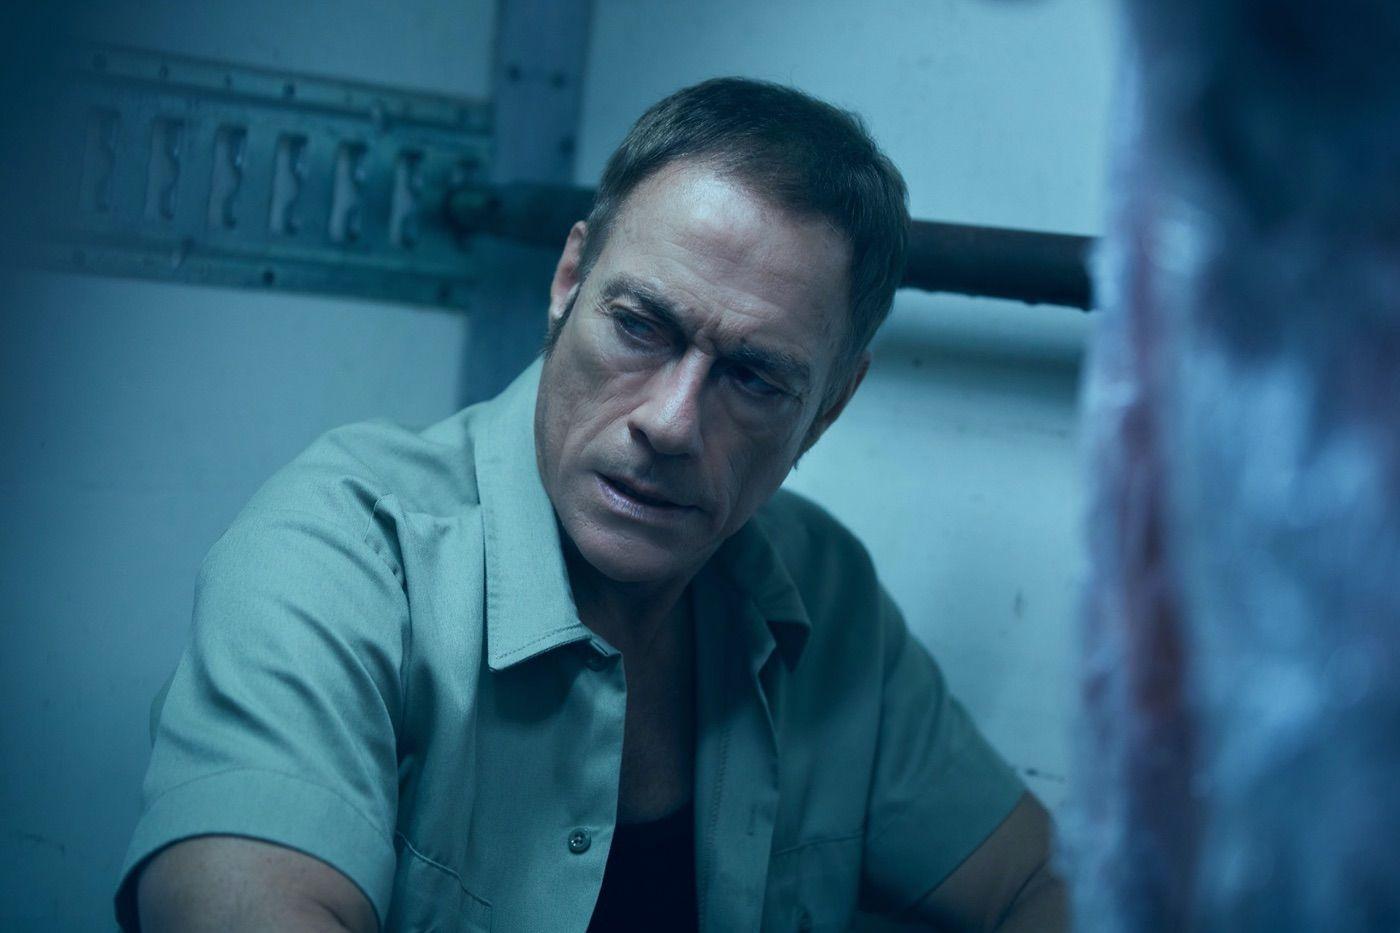 The Last Mercenary Trailer Reveals Jean-Claude Van Damme in Fighting Form for Netflix